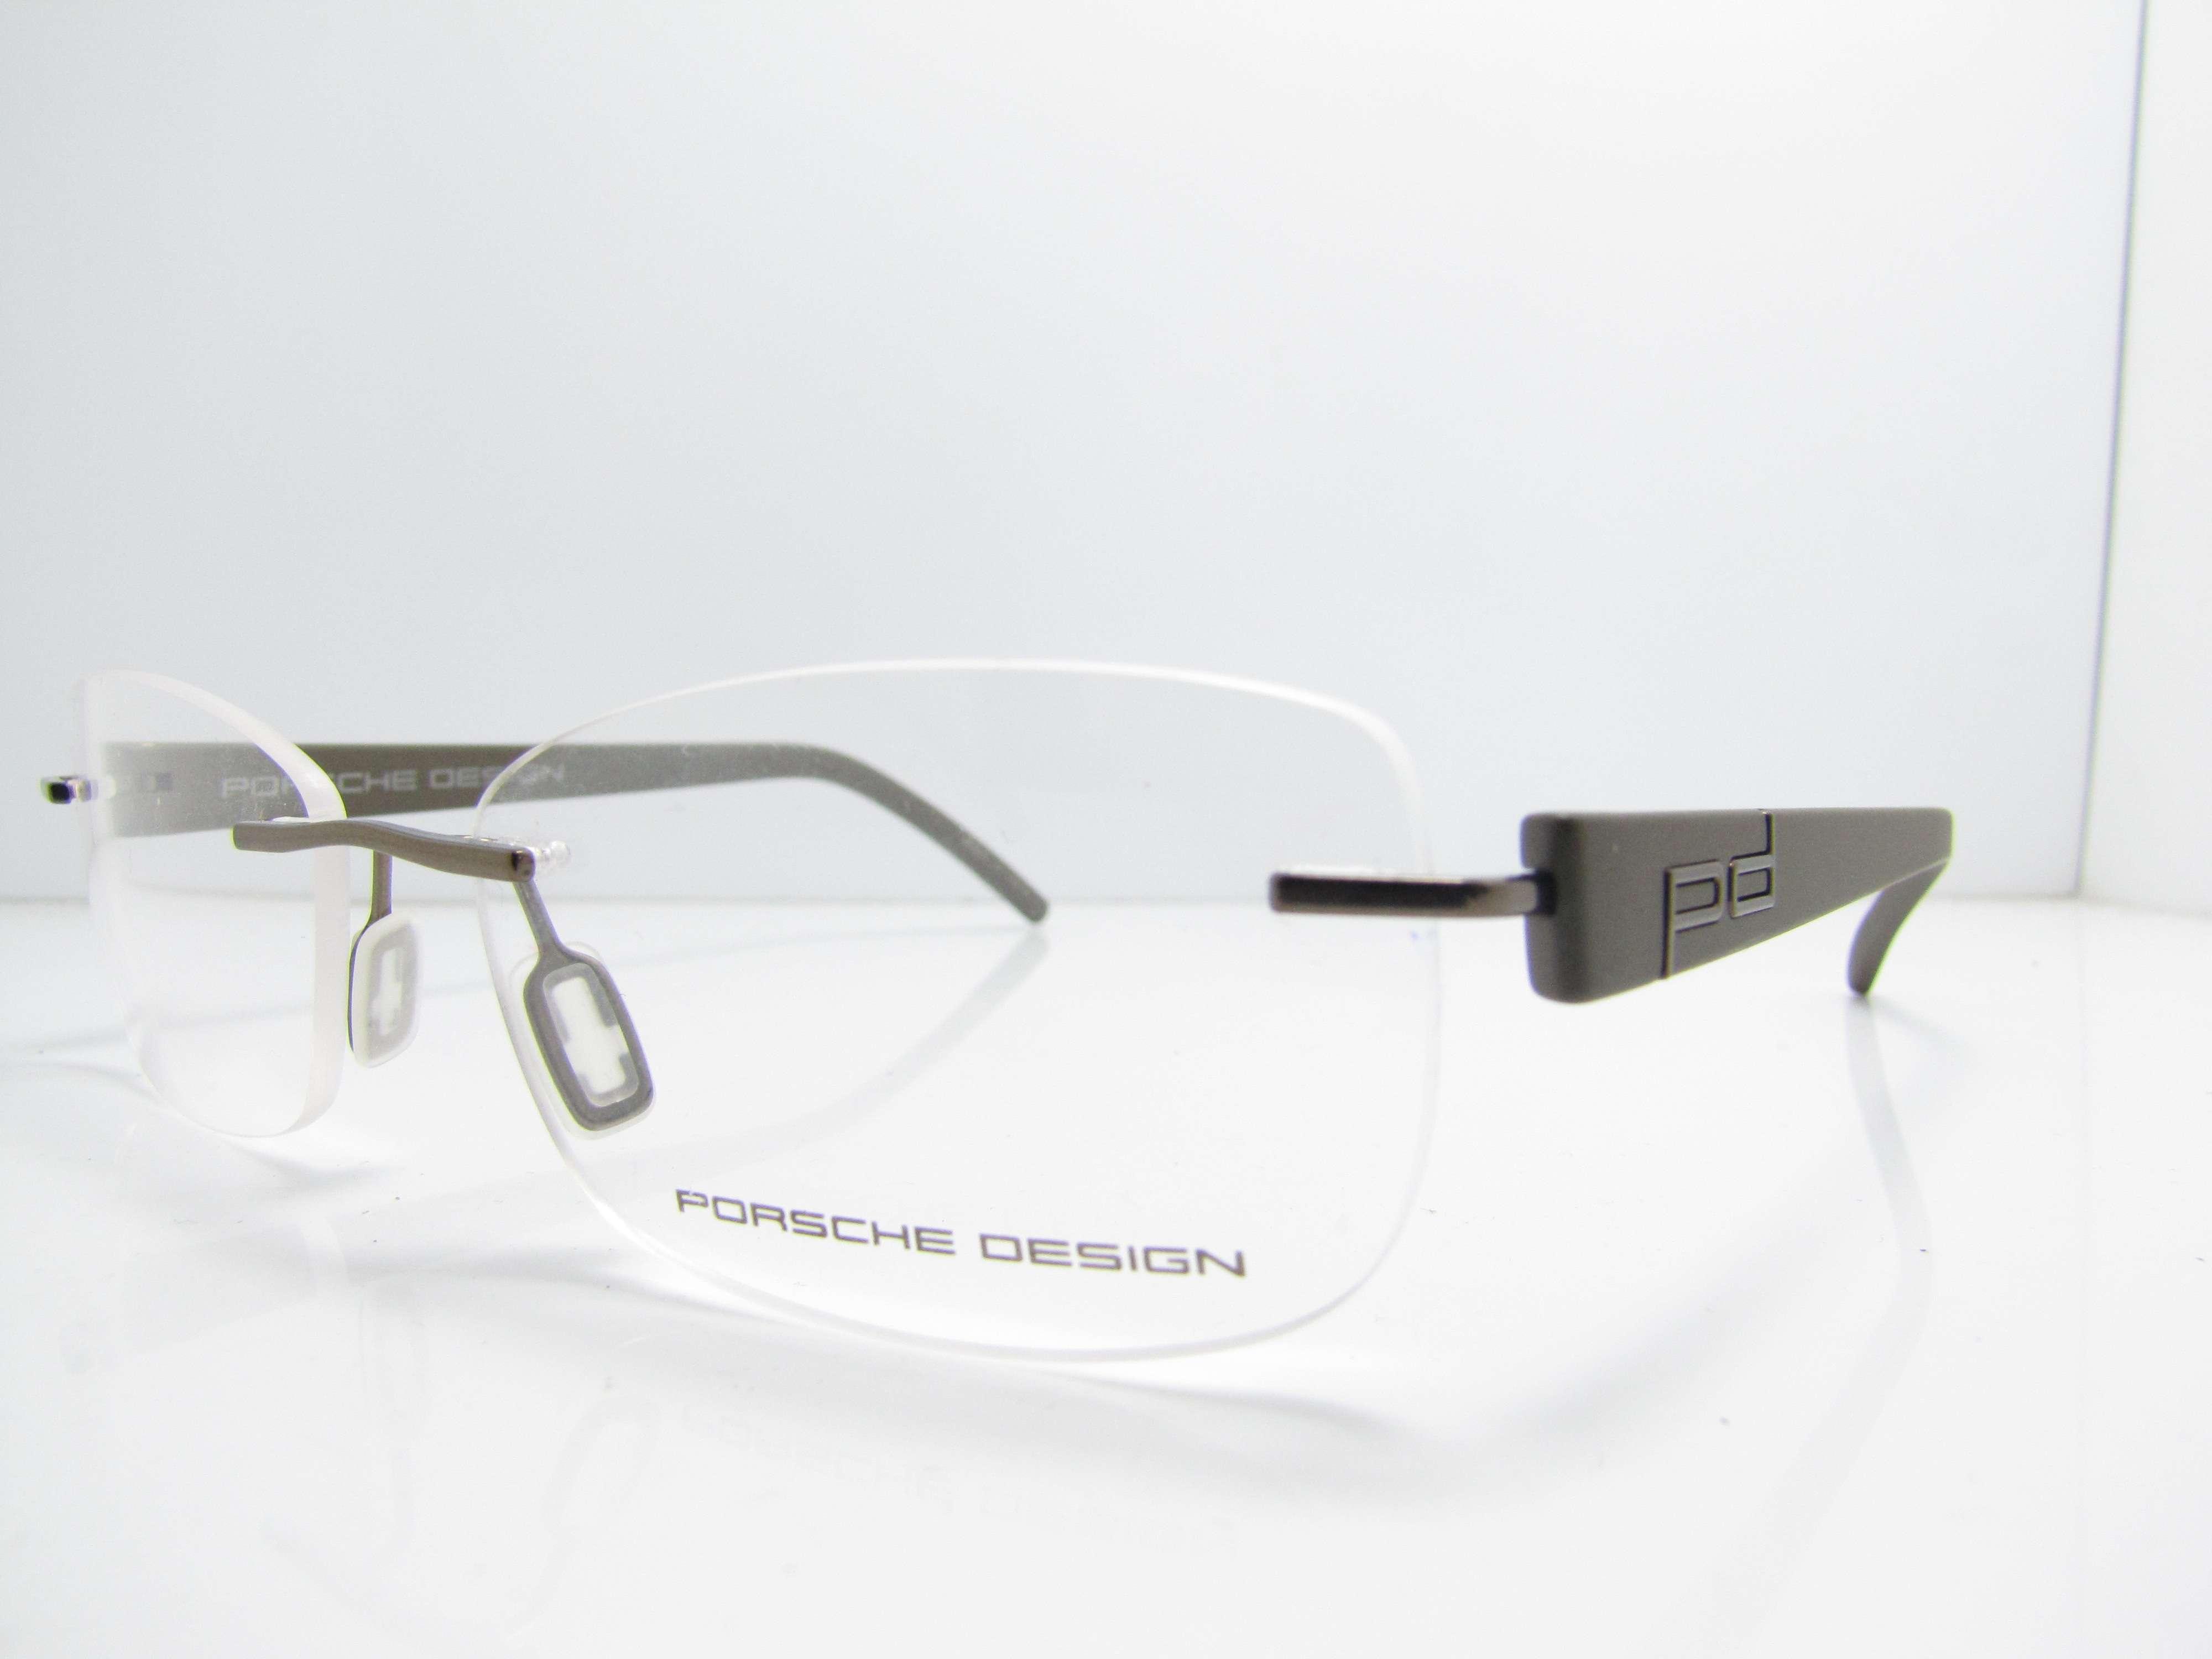 new style frames eyeglasses  design eyeglasses